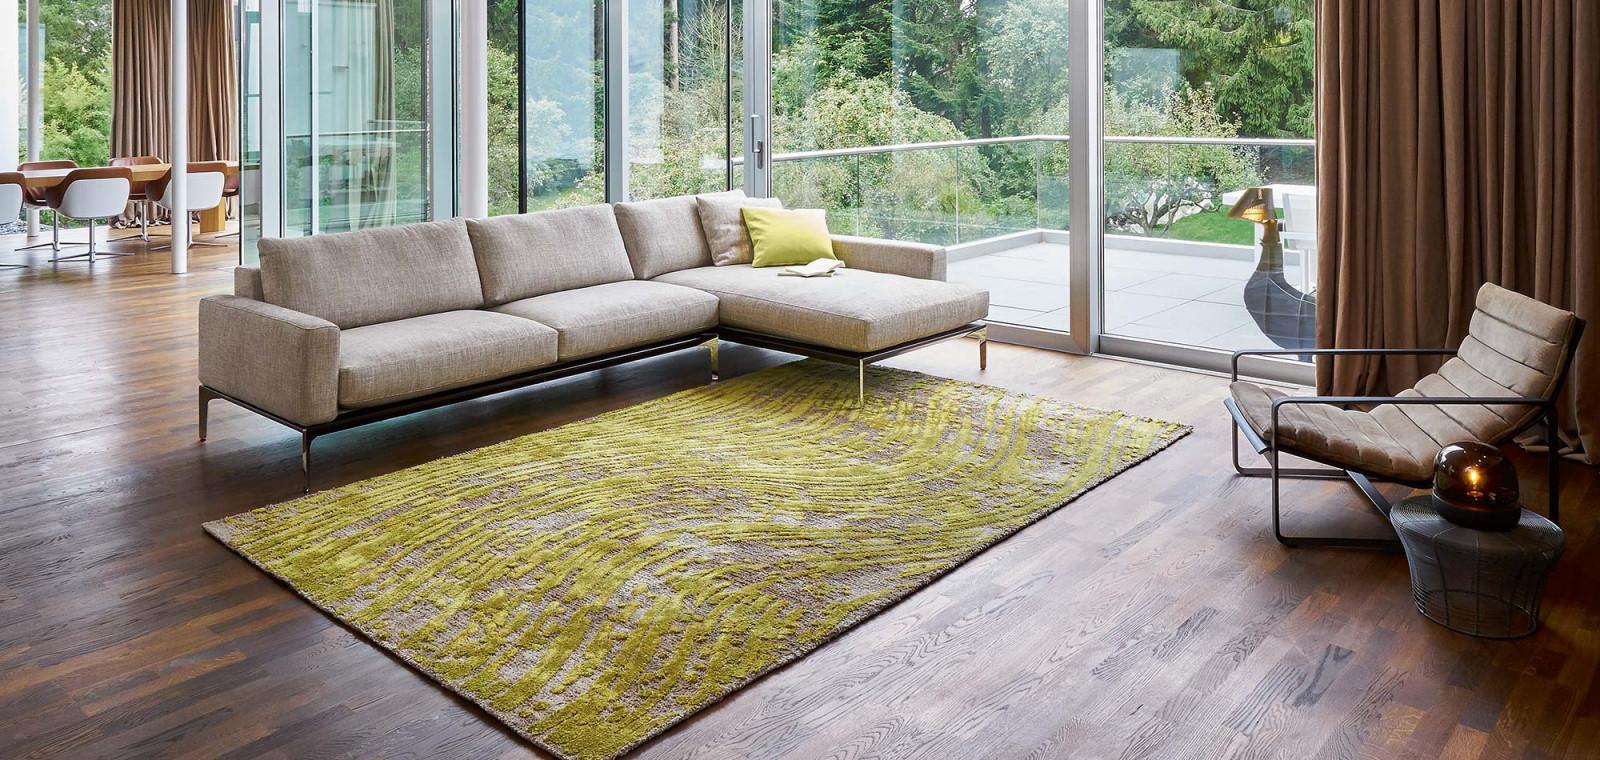 Teppiche Des Partenheimer Deco House von Grüner Teppich Wohnzimmer Bild